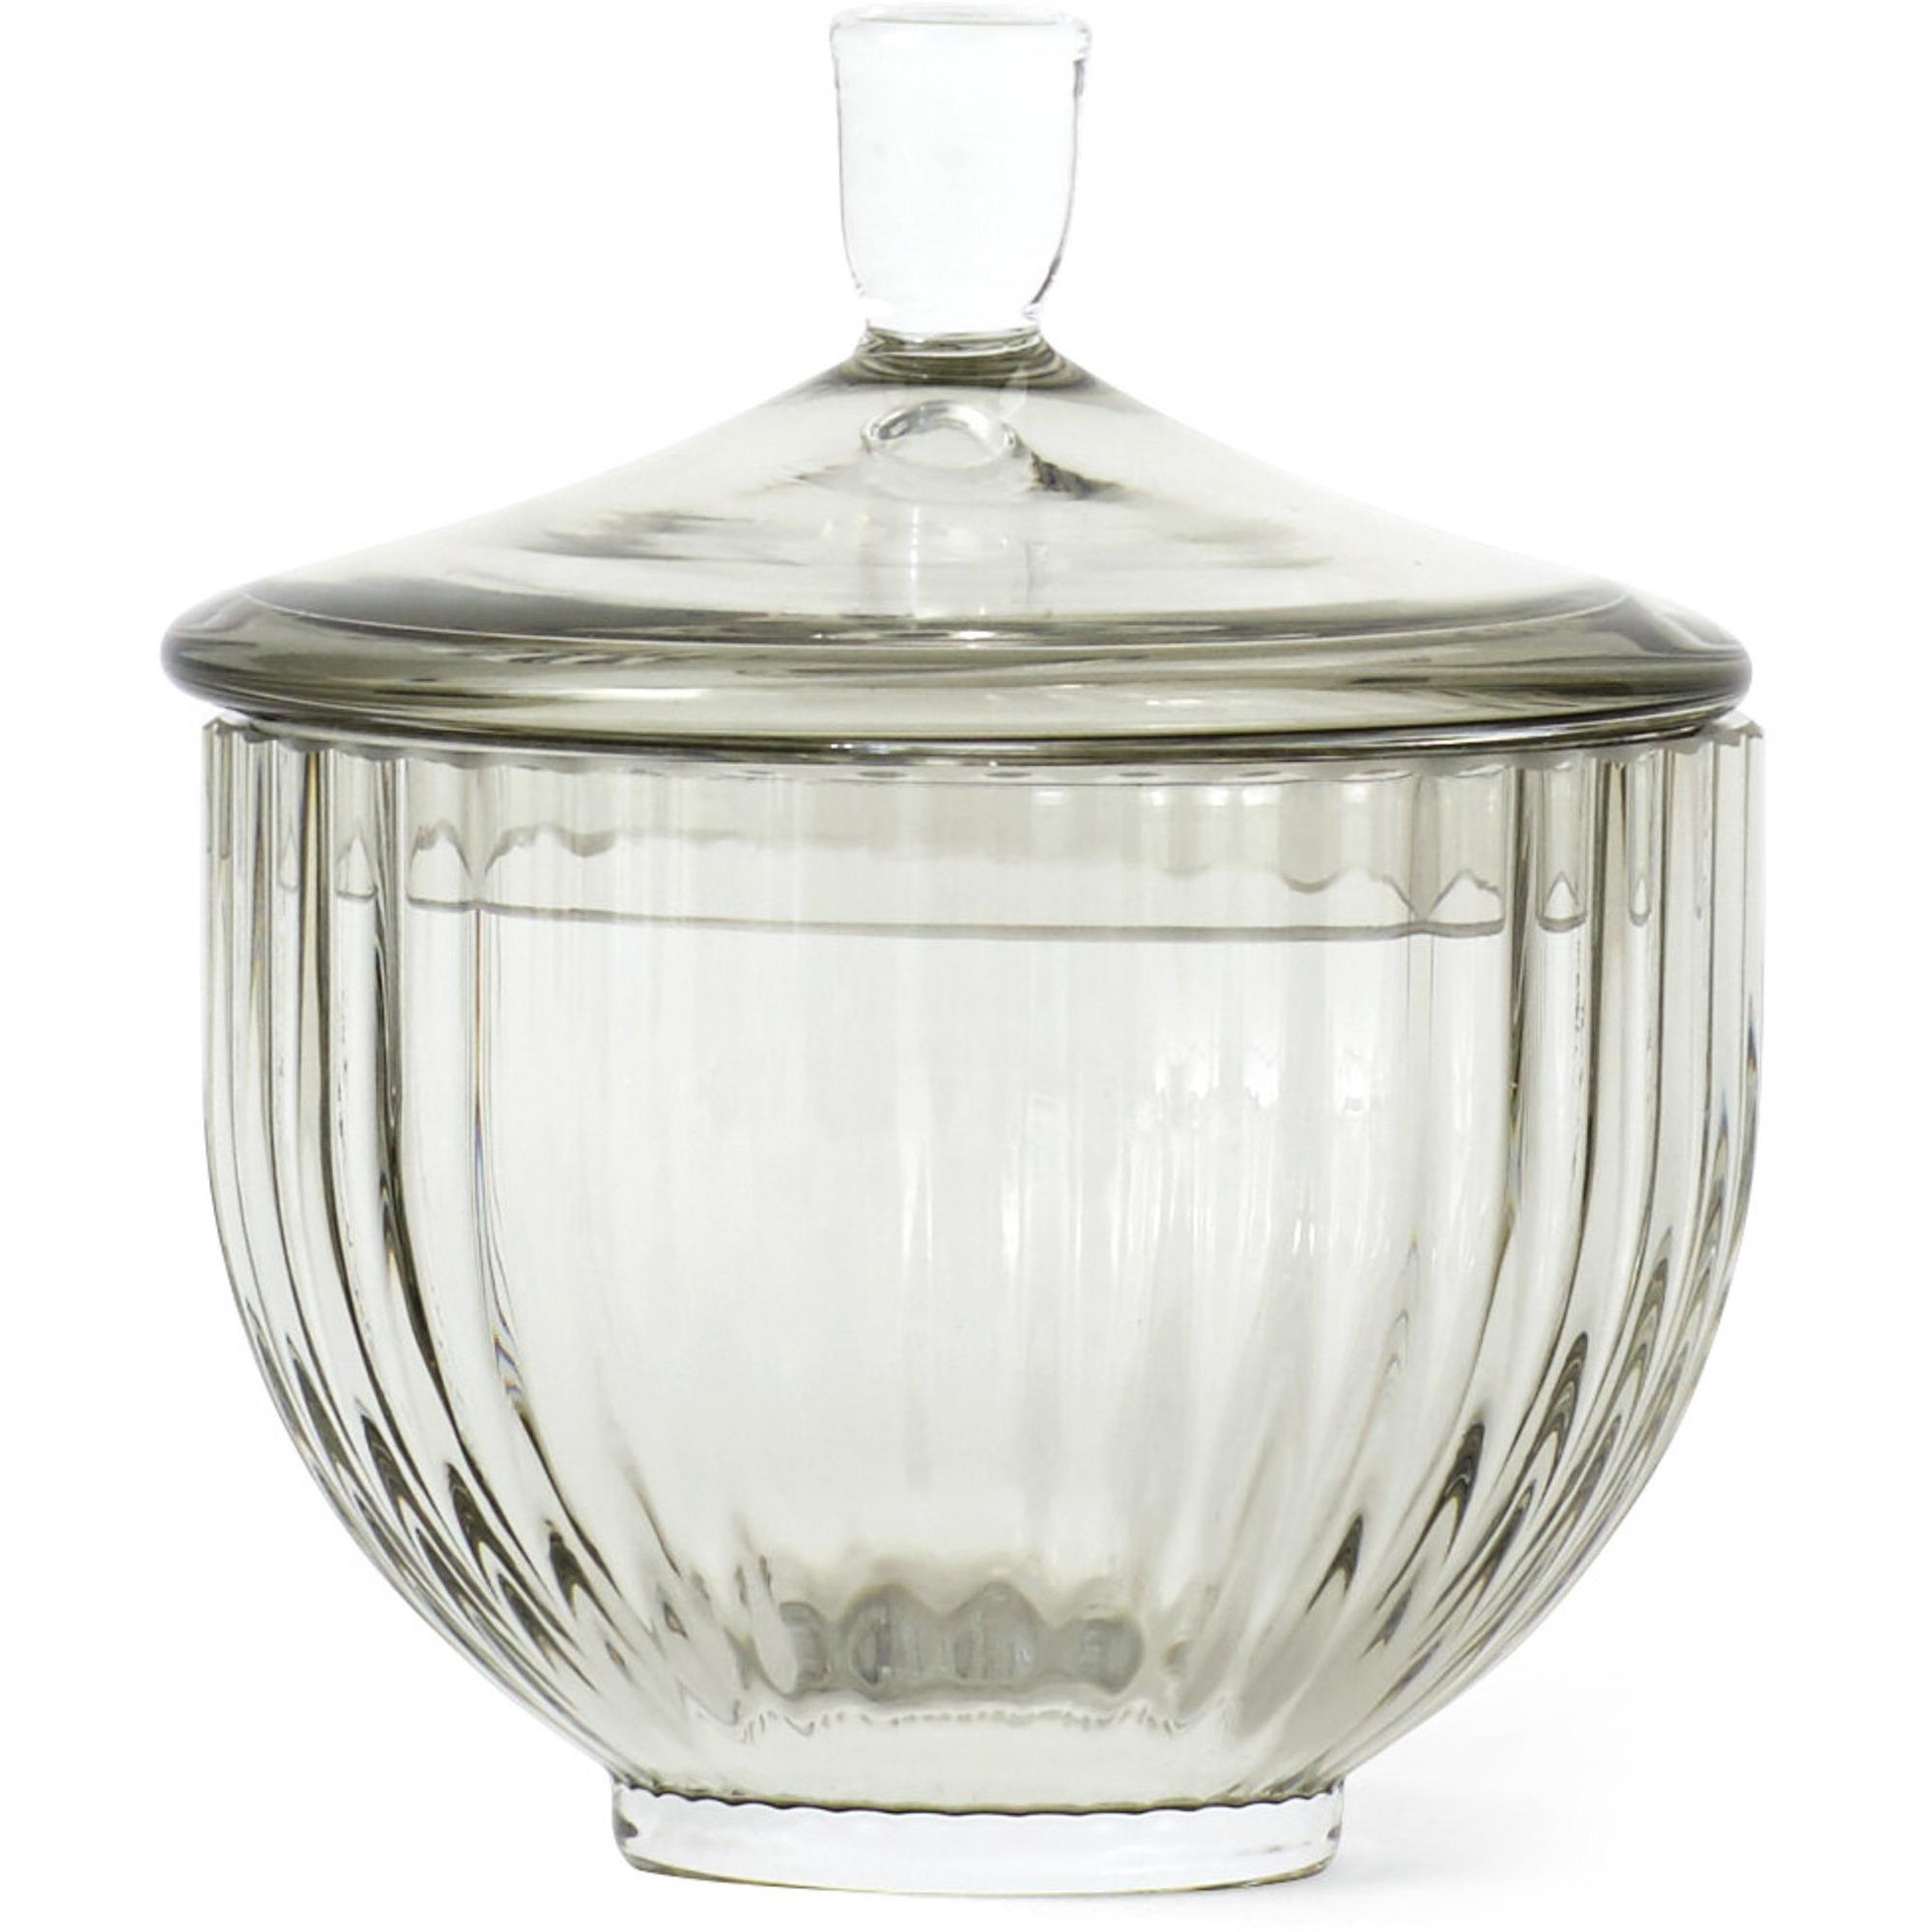 Lyngby Porcelæn Glas bonbonniere Ø 10 cm. smoke